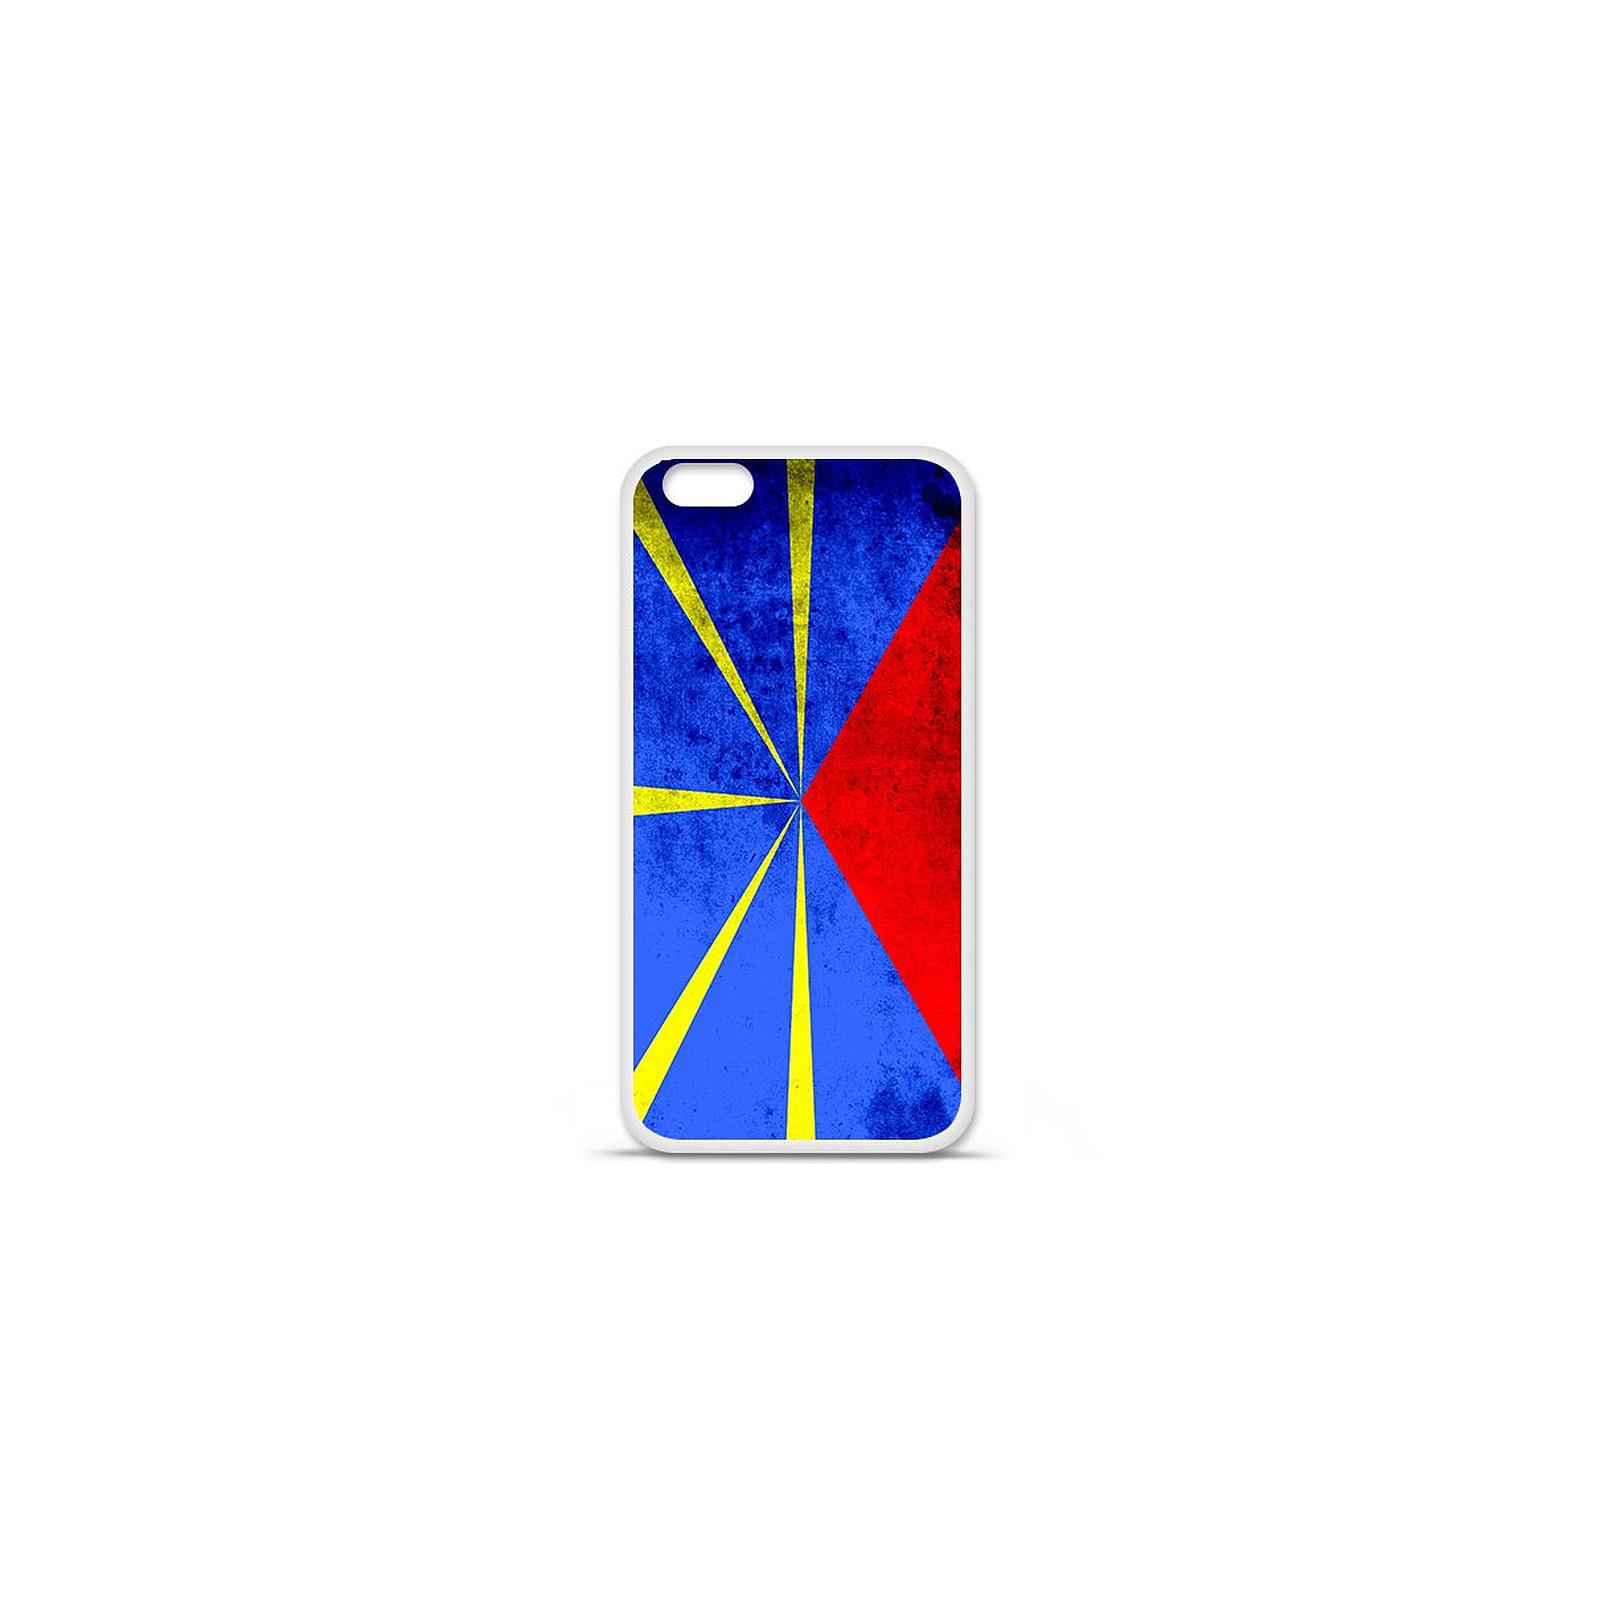 1001 Coques Coque silicone gel Apple IPhone 7 Plus motif Drapeau La Réunion